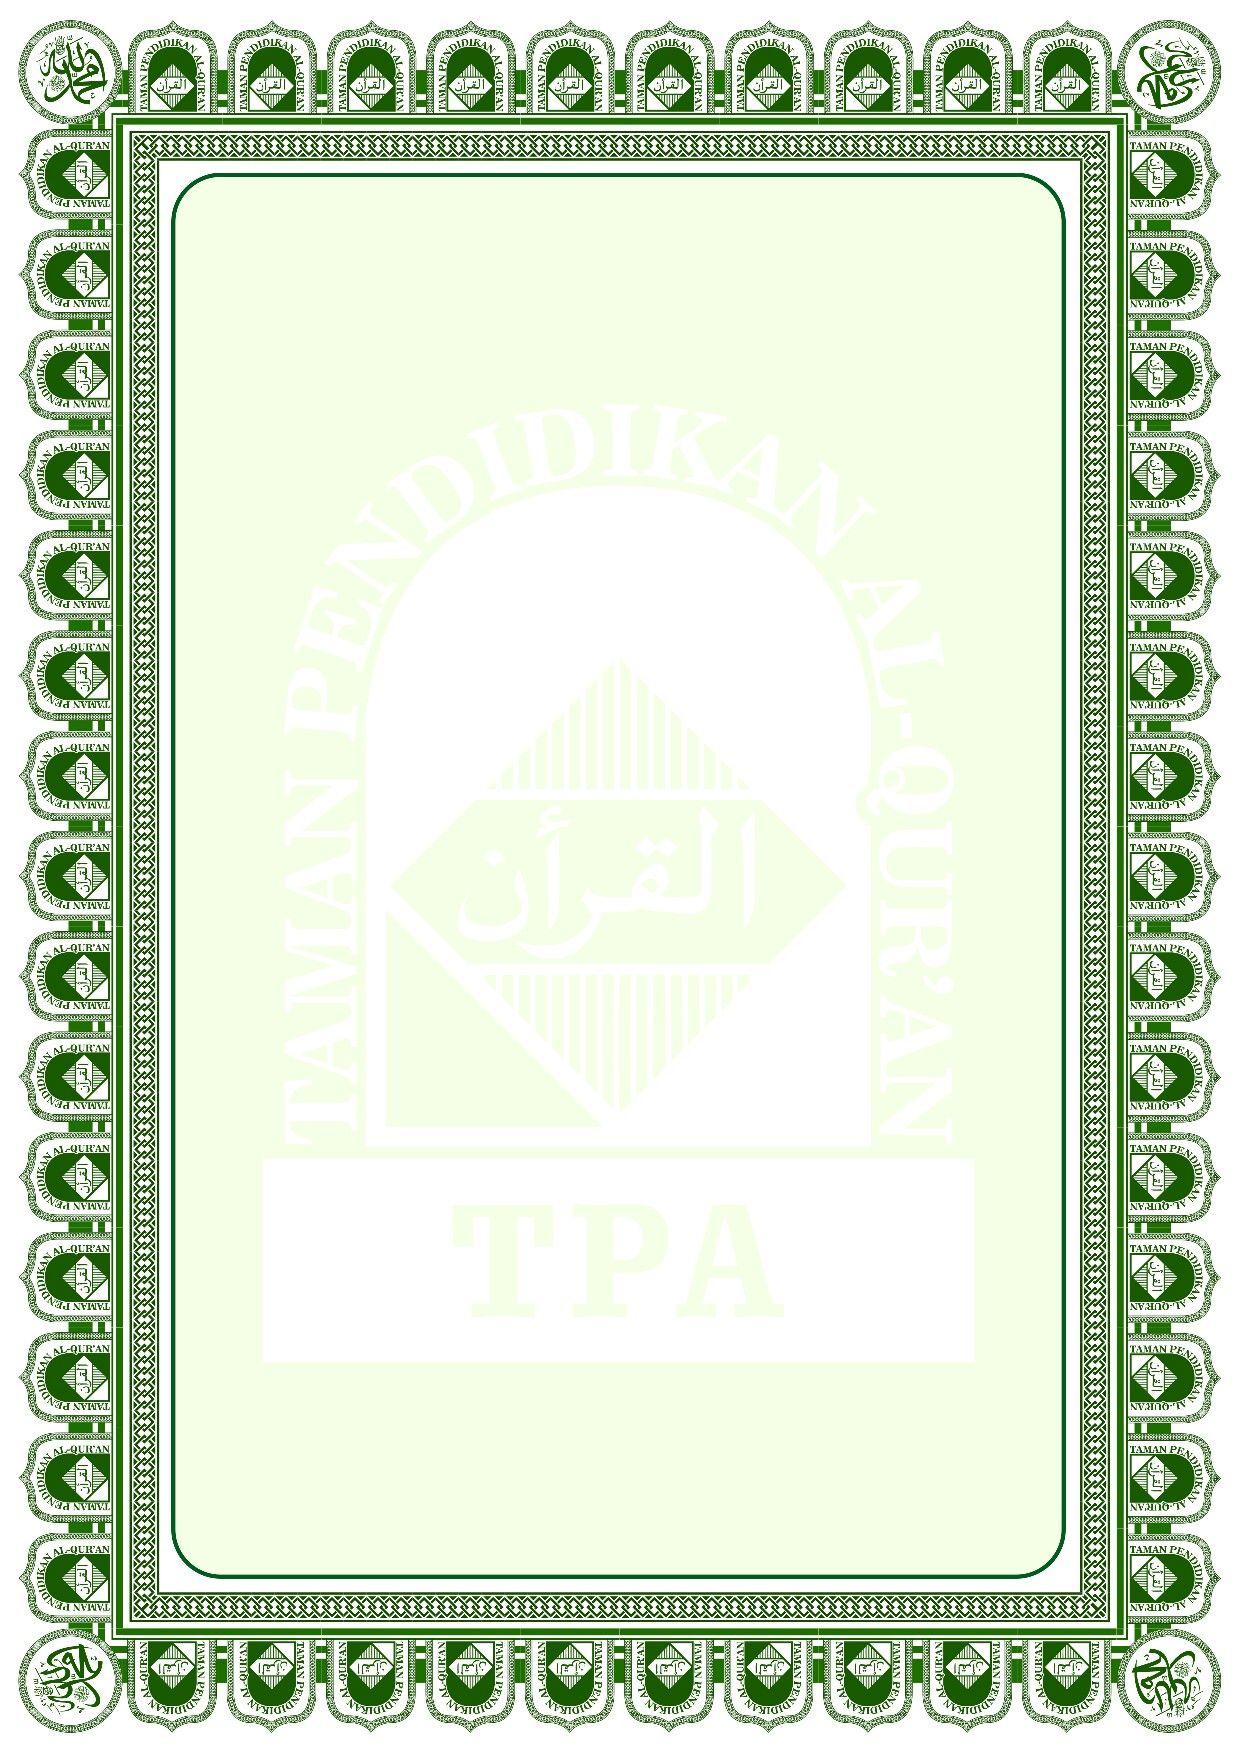 Frame Piagam Penghargaan : frame, piagam, penghargaan, BINGKAI, UNTUK, PIAGAM, (Taman, Pendidikan, Al-Quran), Bingkai,, Desain,